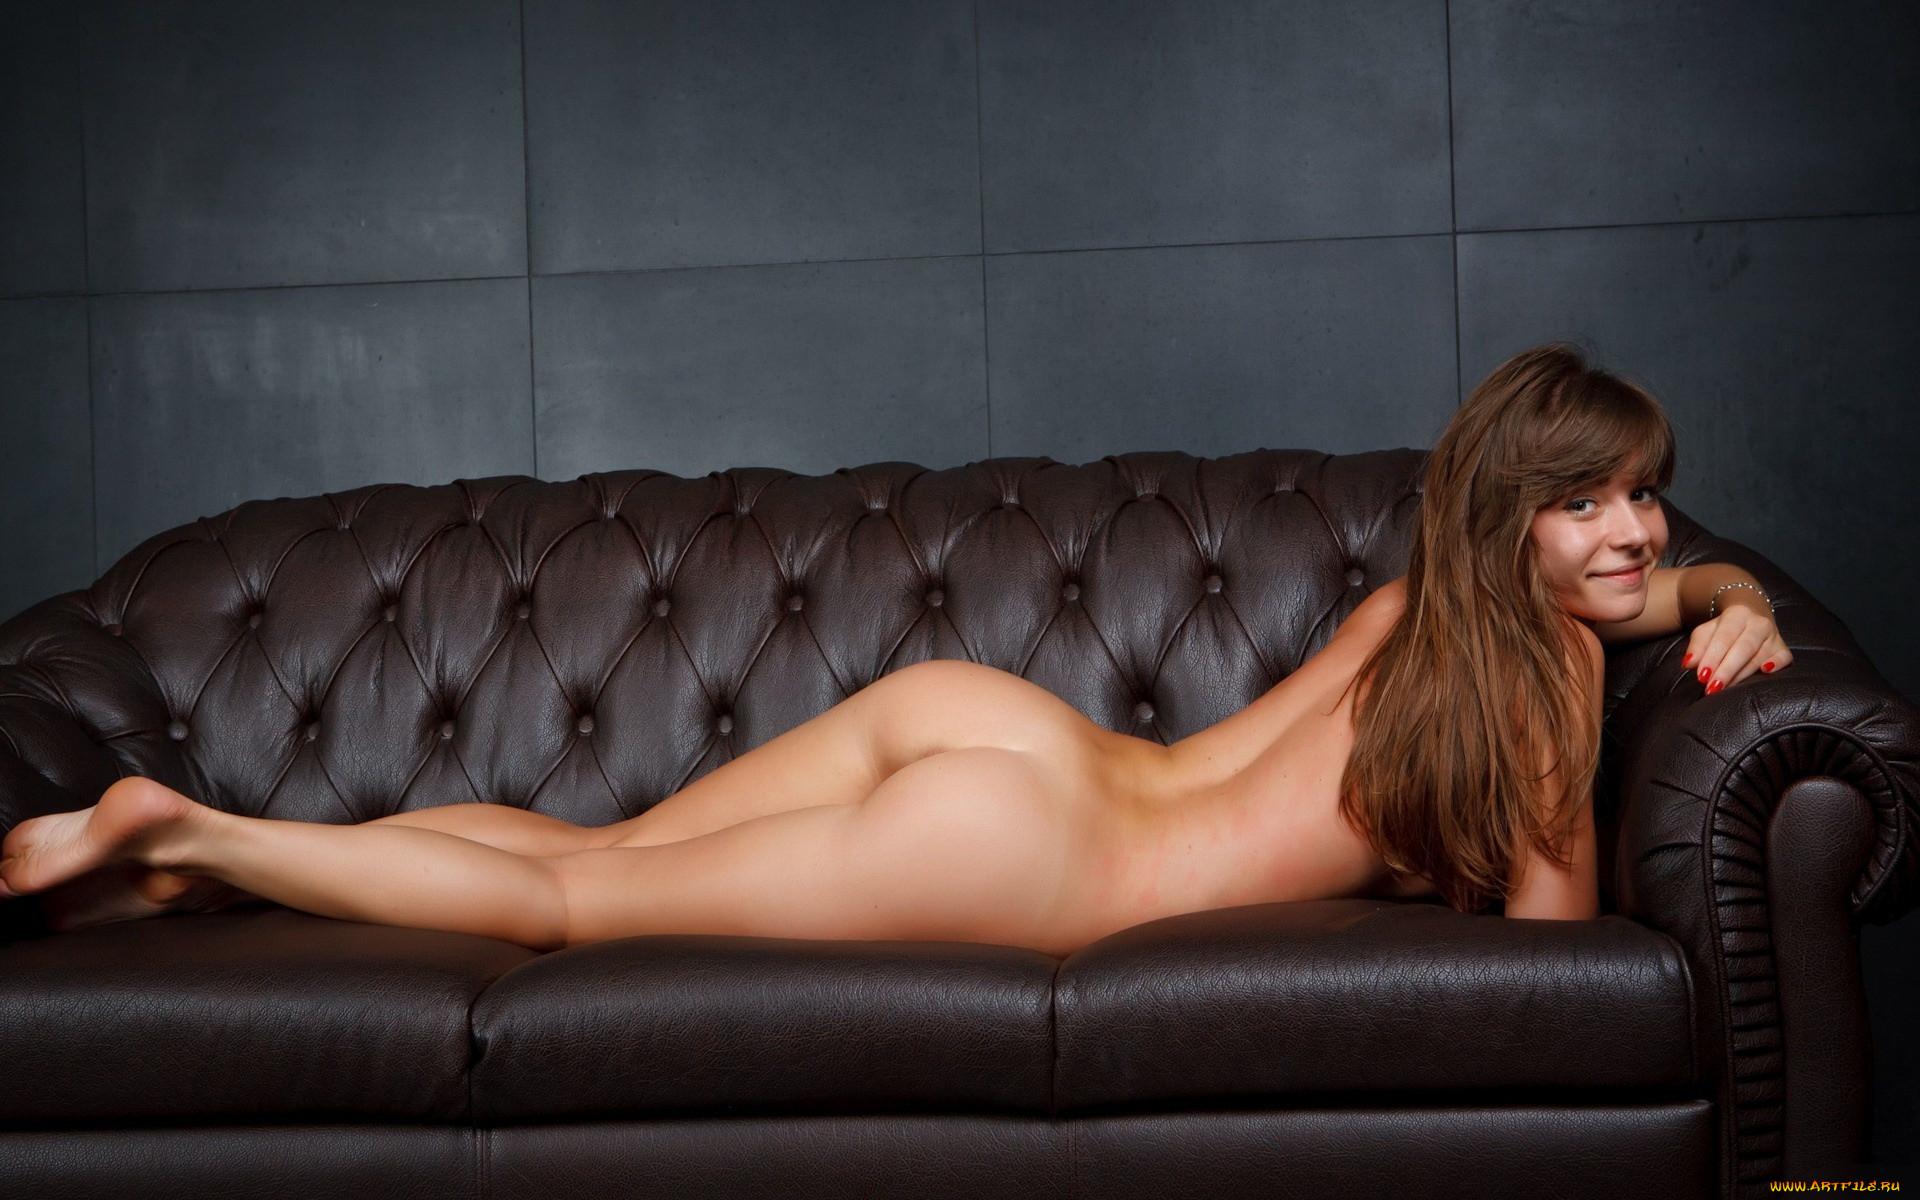 Фото голых девушек на диване 2 фотография